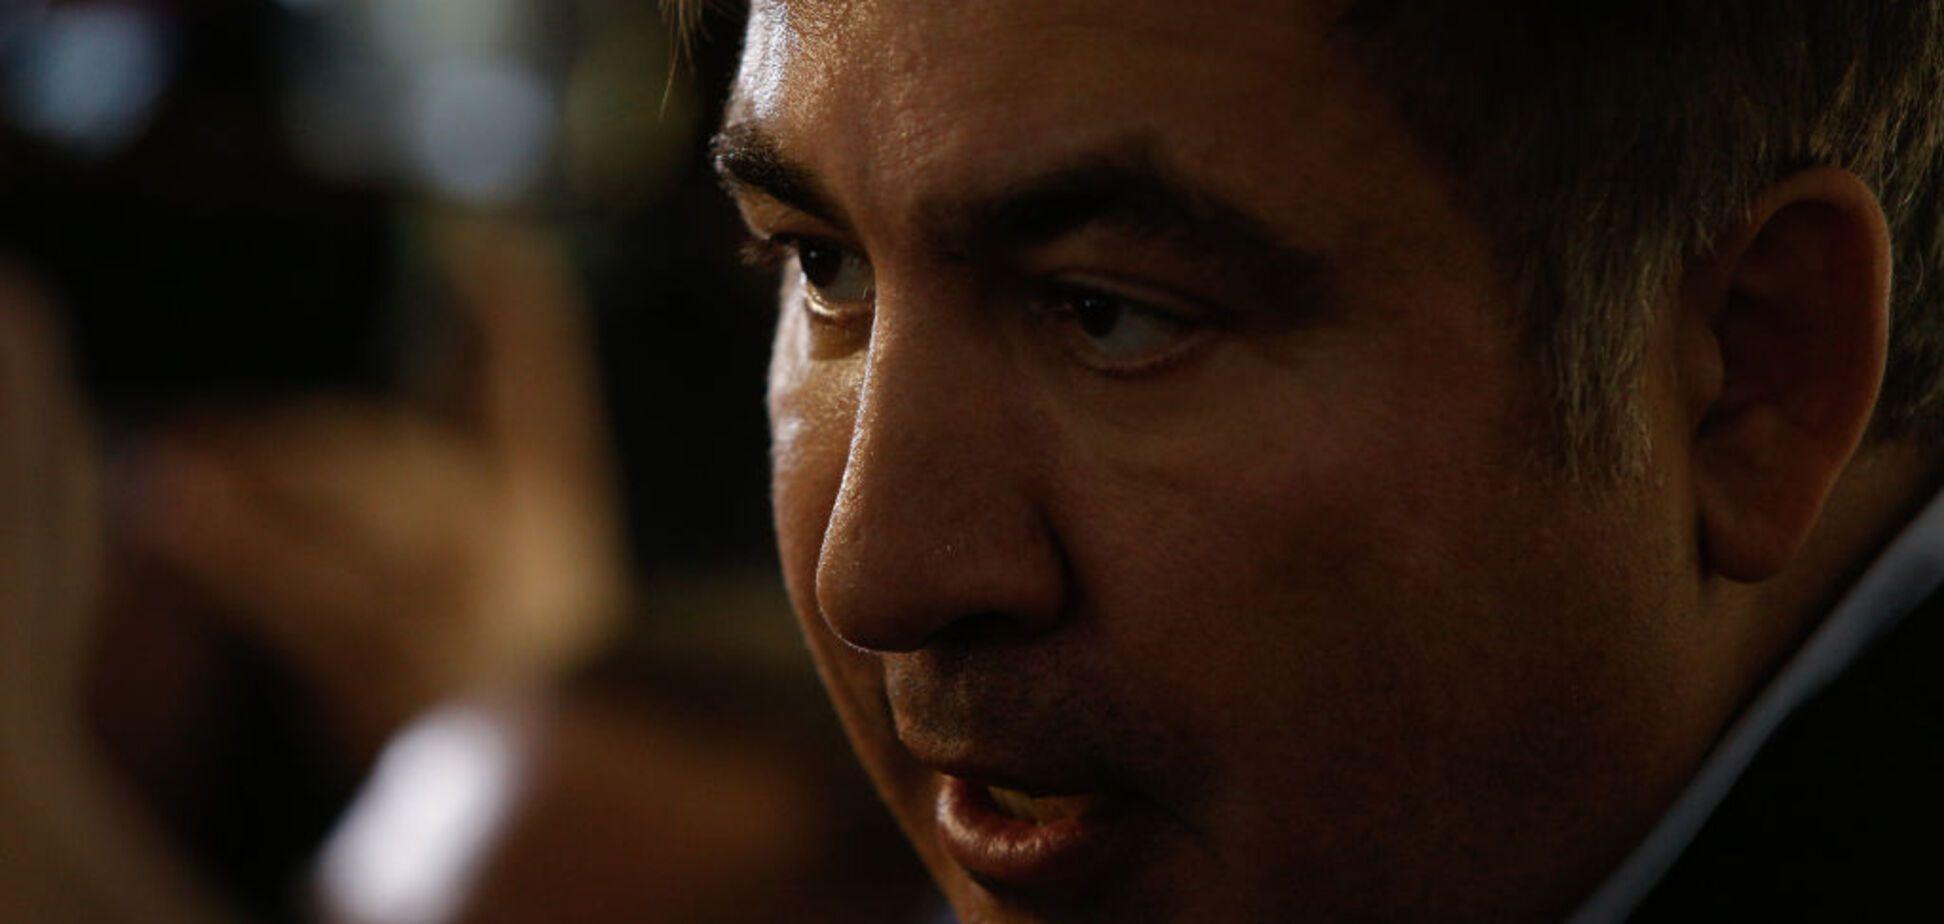 'Принесли утром': Саакашвили 'нашел' пропавший паспорт